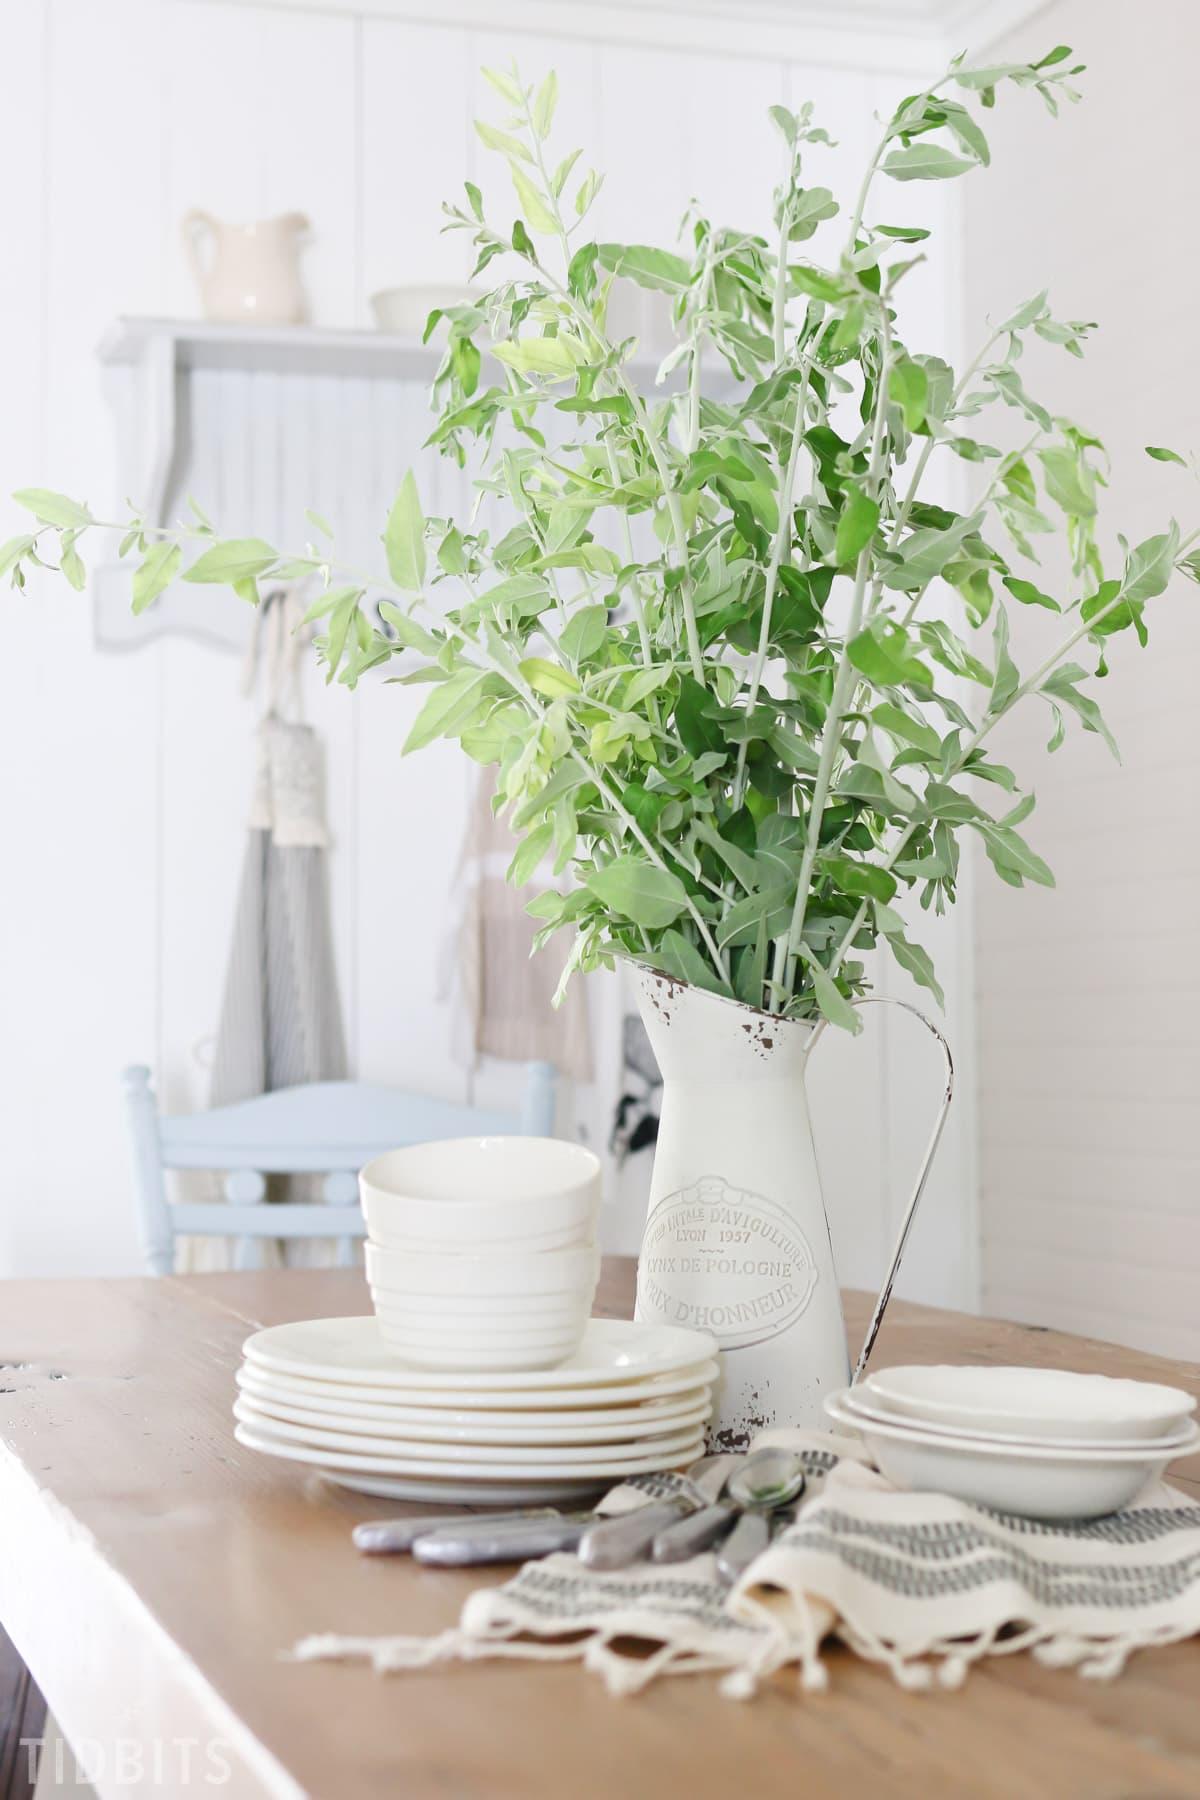 Simple Tableware